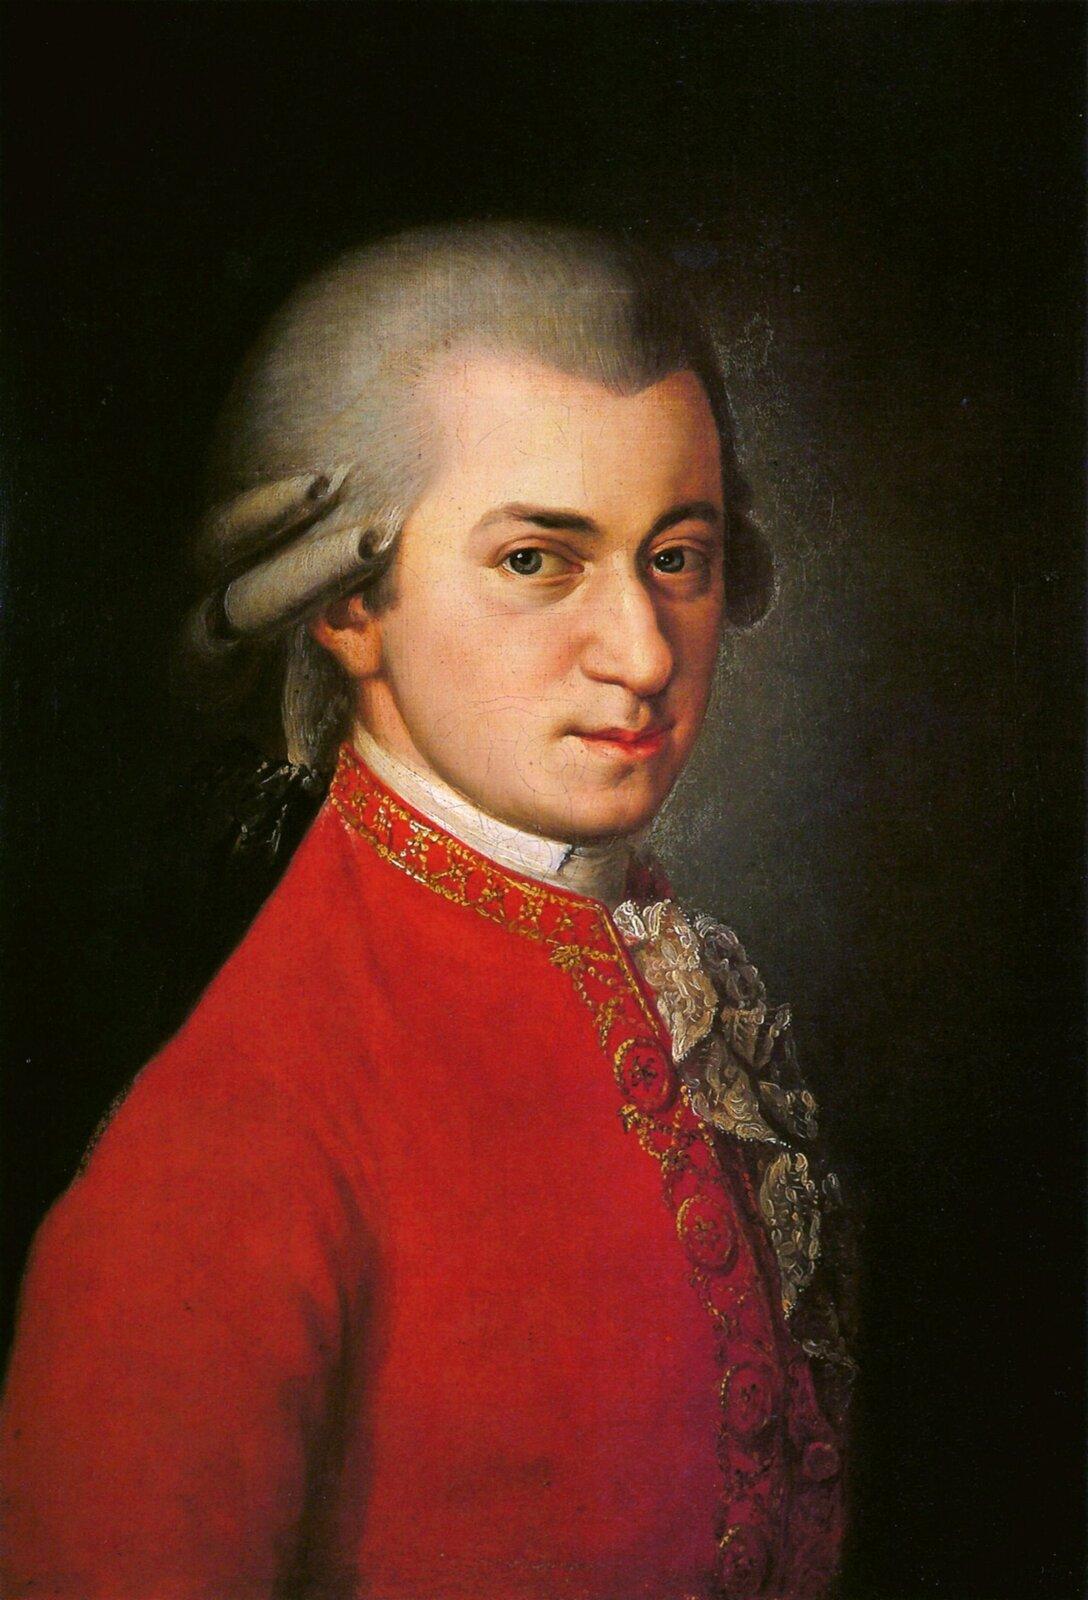 Obraz przedstawiający portret kompozytora Wolfganga Amadeusza Mozarta. Dzieło zostało namalowane przez Barbarę Krafft. Na obrazie dość młody mężczyzna, raczej drobnej postury, twarz raczej pociągła, dość duży nos, wąskie usta, niebieskie oczy. Na głowie biała peruka, na wysokości ucha ułożone loki, ztyłu pozostałe włosy związane kokardą. Ubrany wbiałą koszulę zkoronkowym żabotem iczerwony surdut. Tło obrazu ciemne światło pada na połowę twarzy mężczyzny.